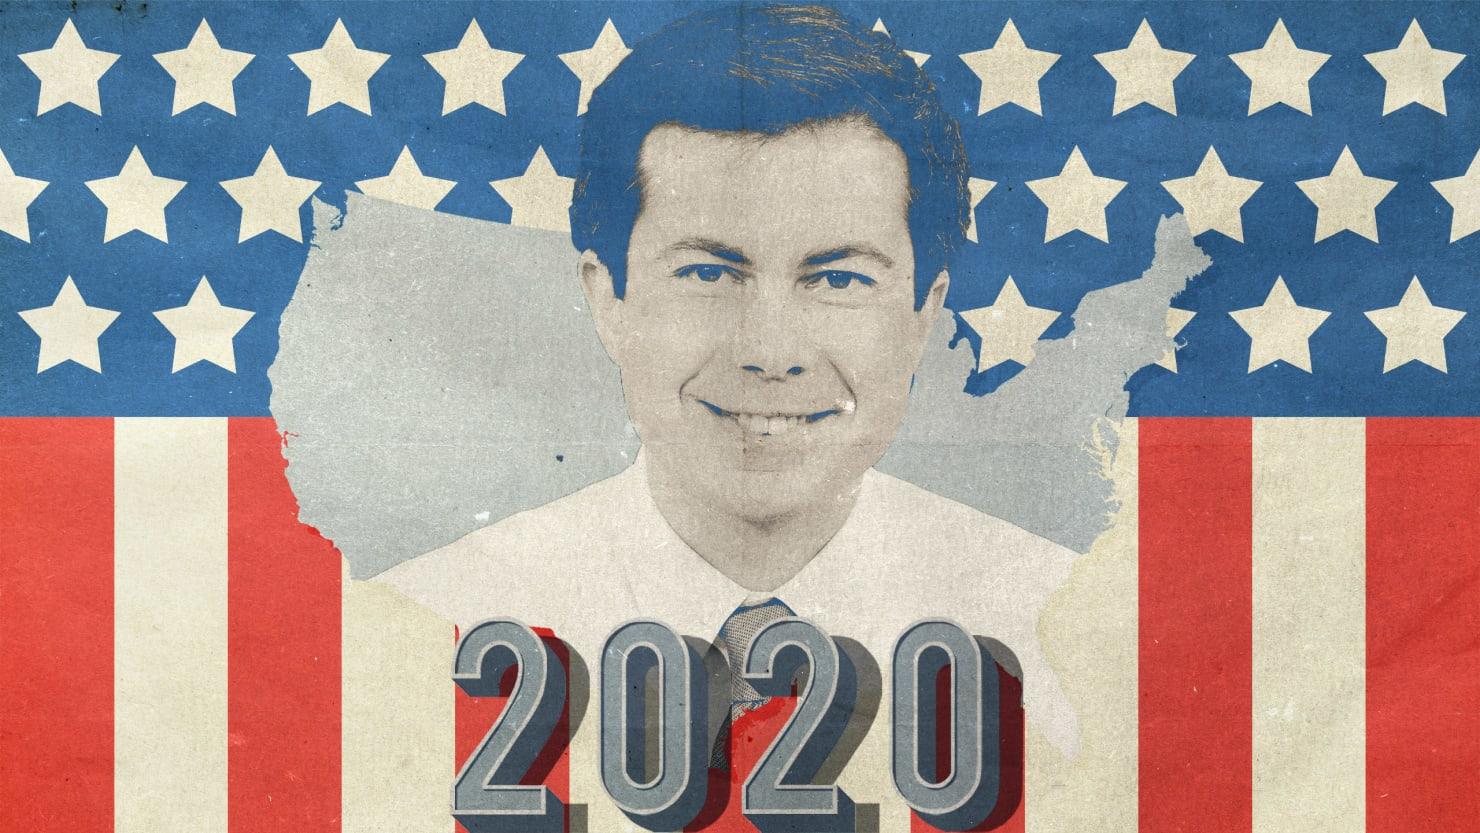 pete buttigieg u2019s greatest 2020 strength u2014and weakness